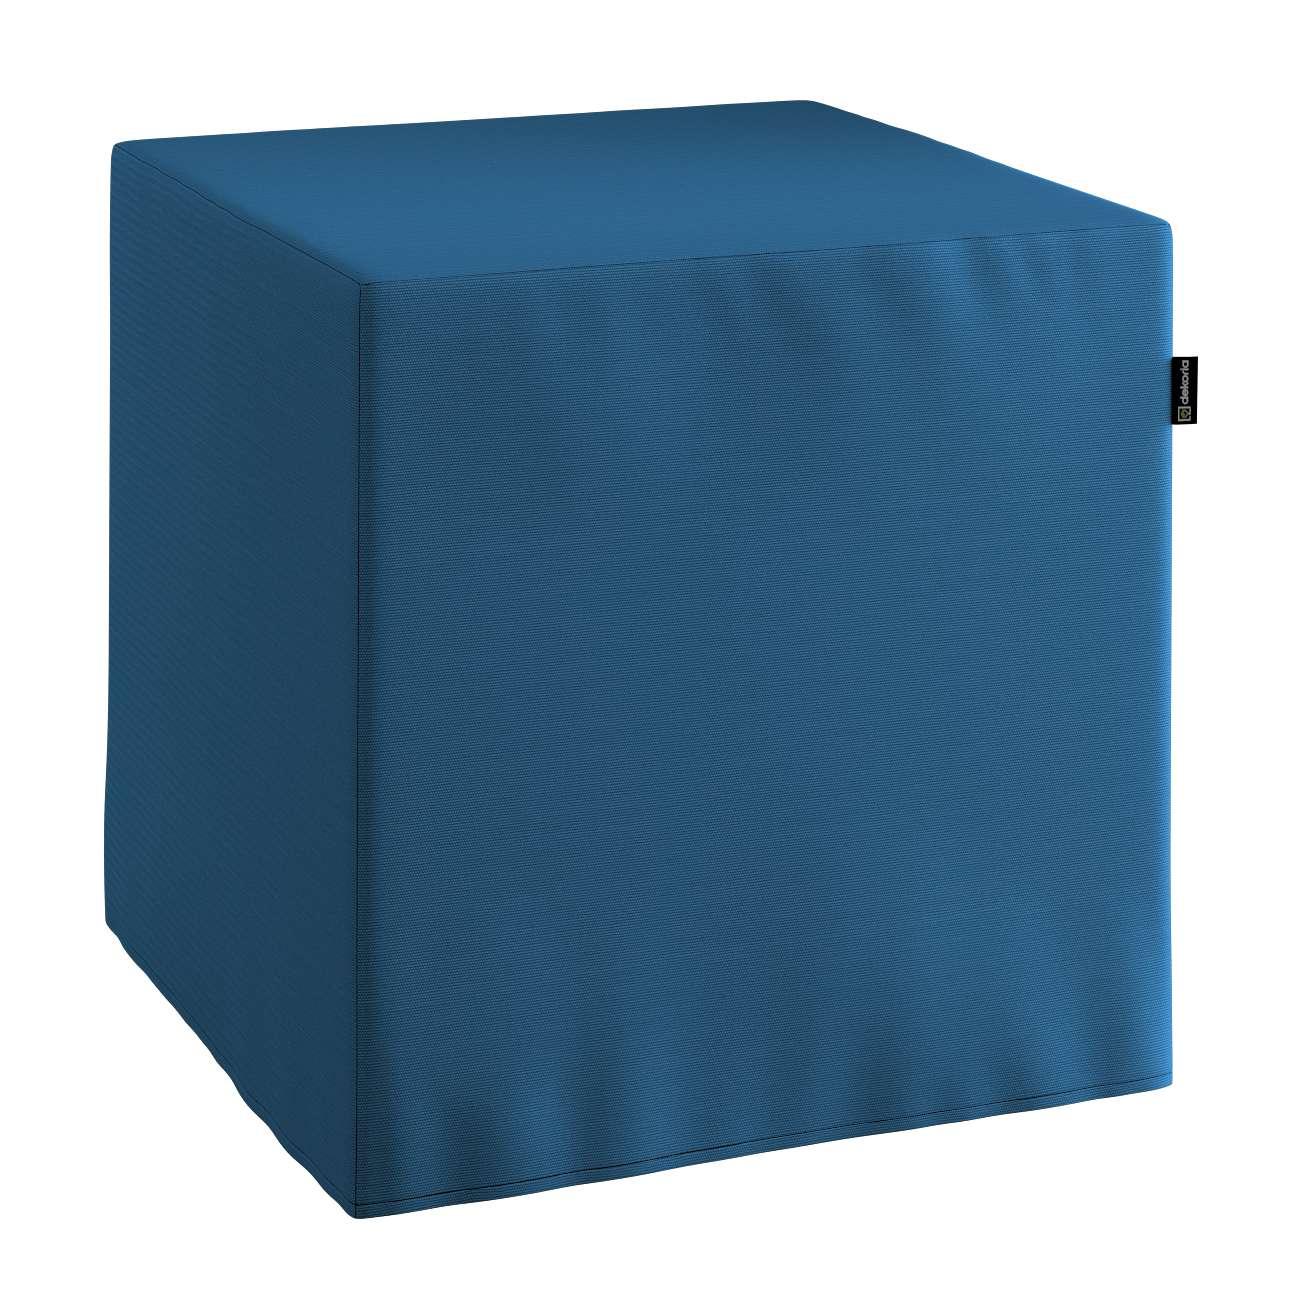 Sitzwürfel, marinenblau , 40 × 40 × 40 cm, Cotton Panama   Wohnzimmer > Hocker & Poufs > Sitzwürfel   Dekoria